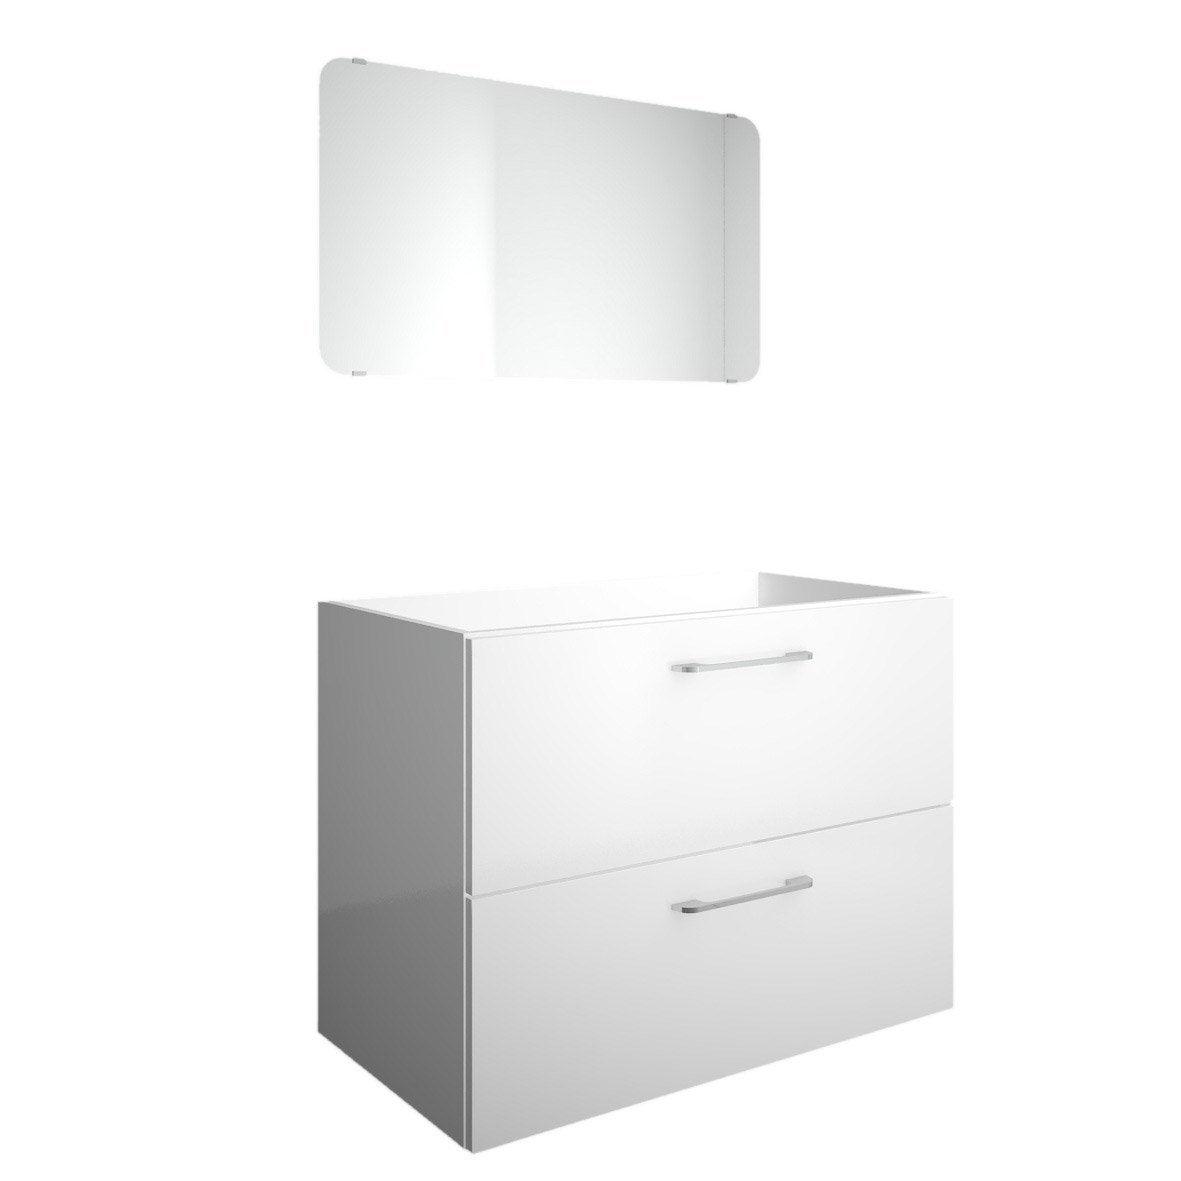 meuble sous vasque l 79 x h 60 x p 44 5 cm happy Résultat Supérieur 15 Meilleur De Meuble sous Vasque 60 Cm Stock 2018 Phe2